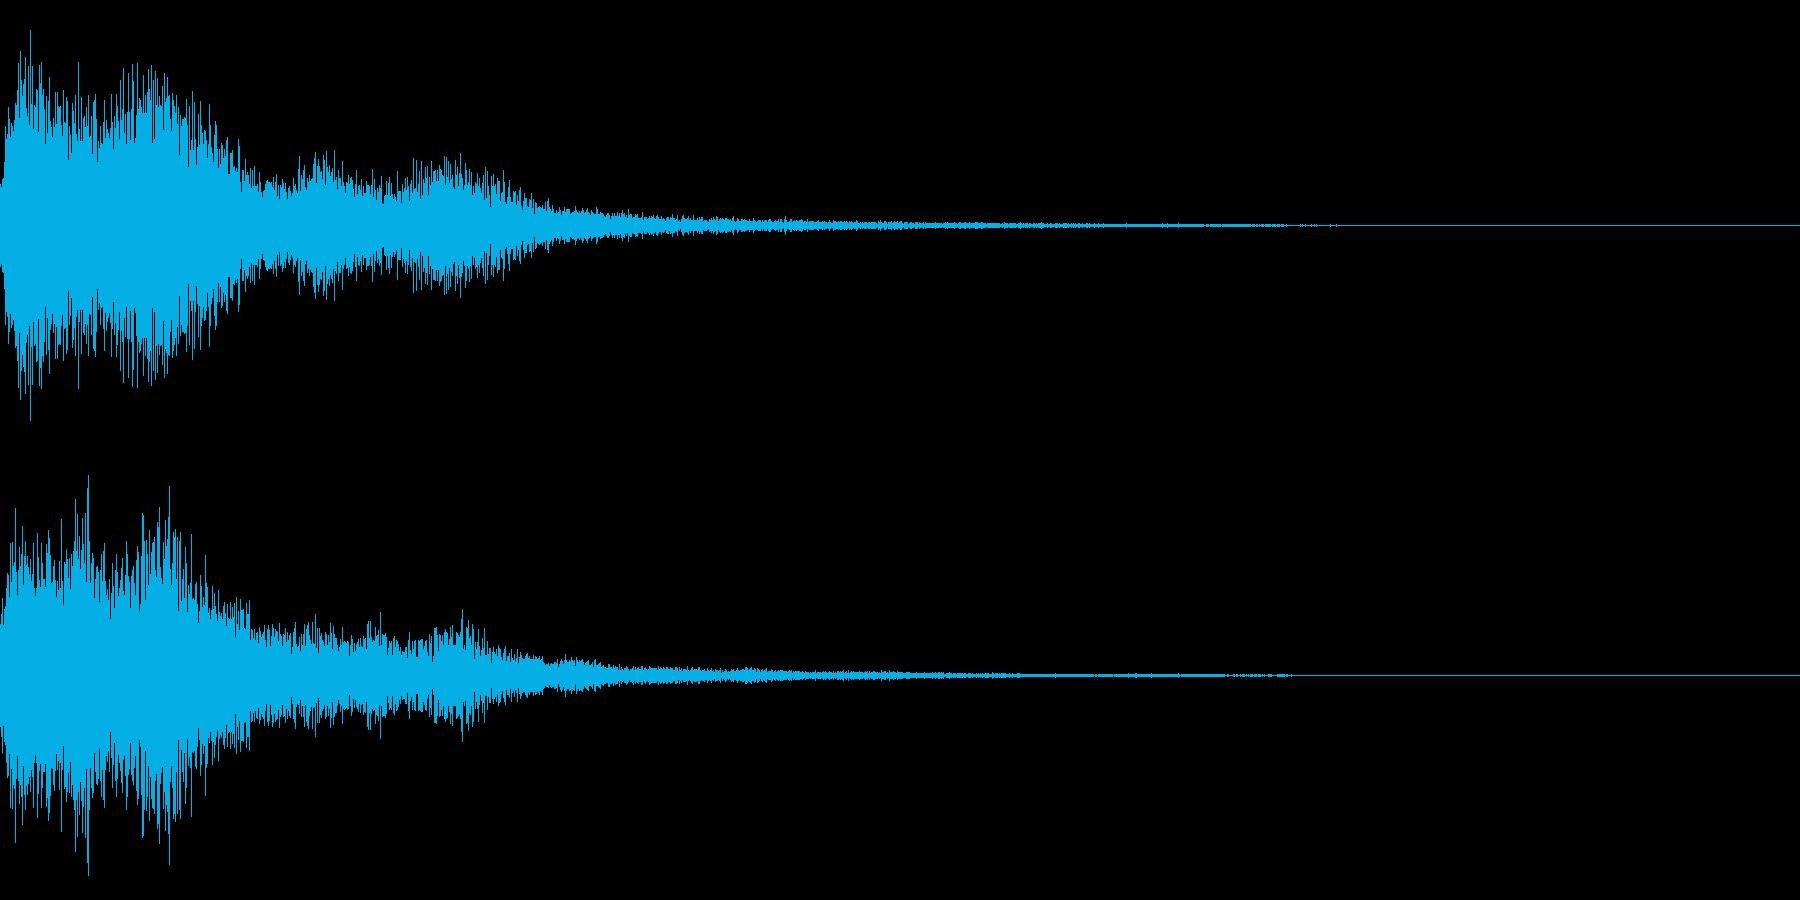 テロップ音(映像、ニュース、報道など)2の再生済みの波形